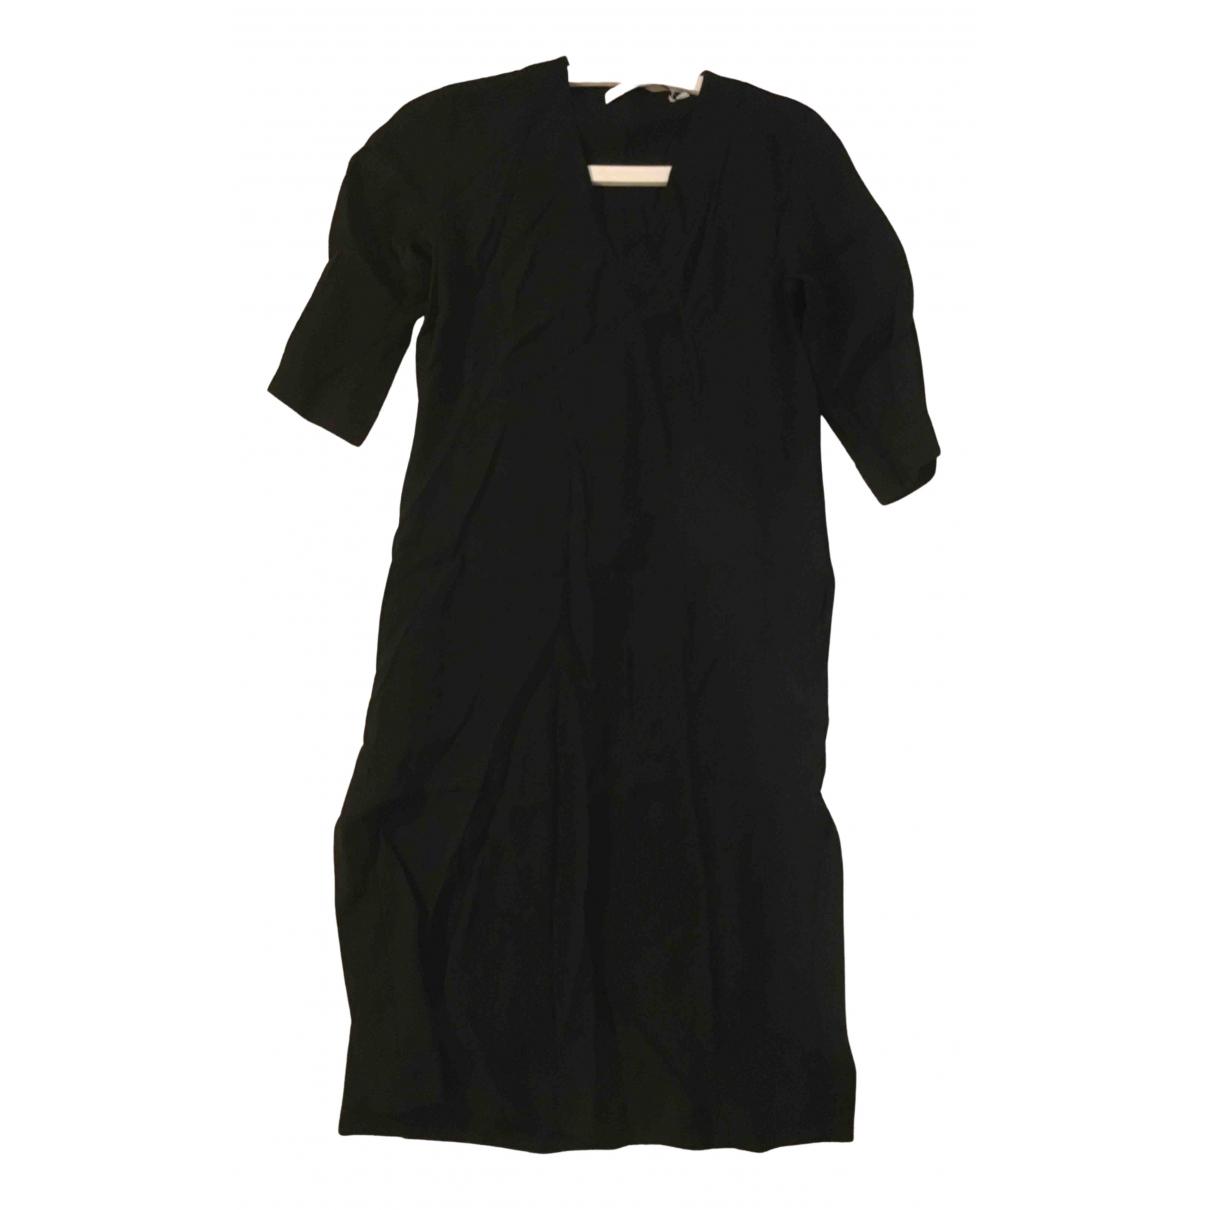 & Stories N Black dress for Women 34 FR